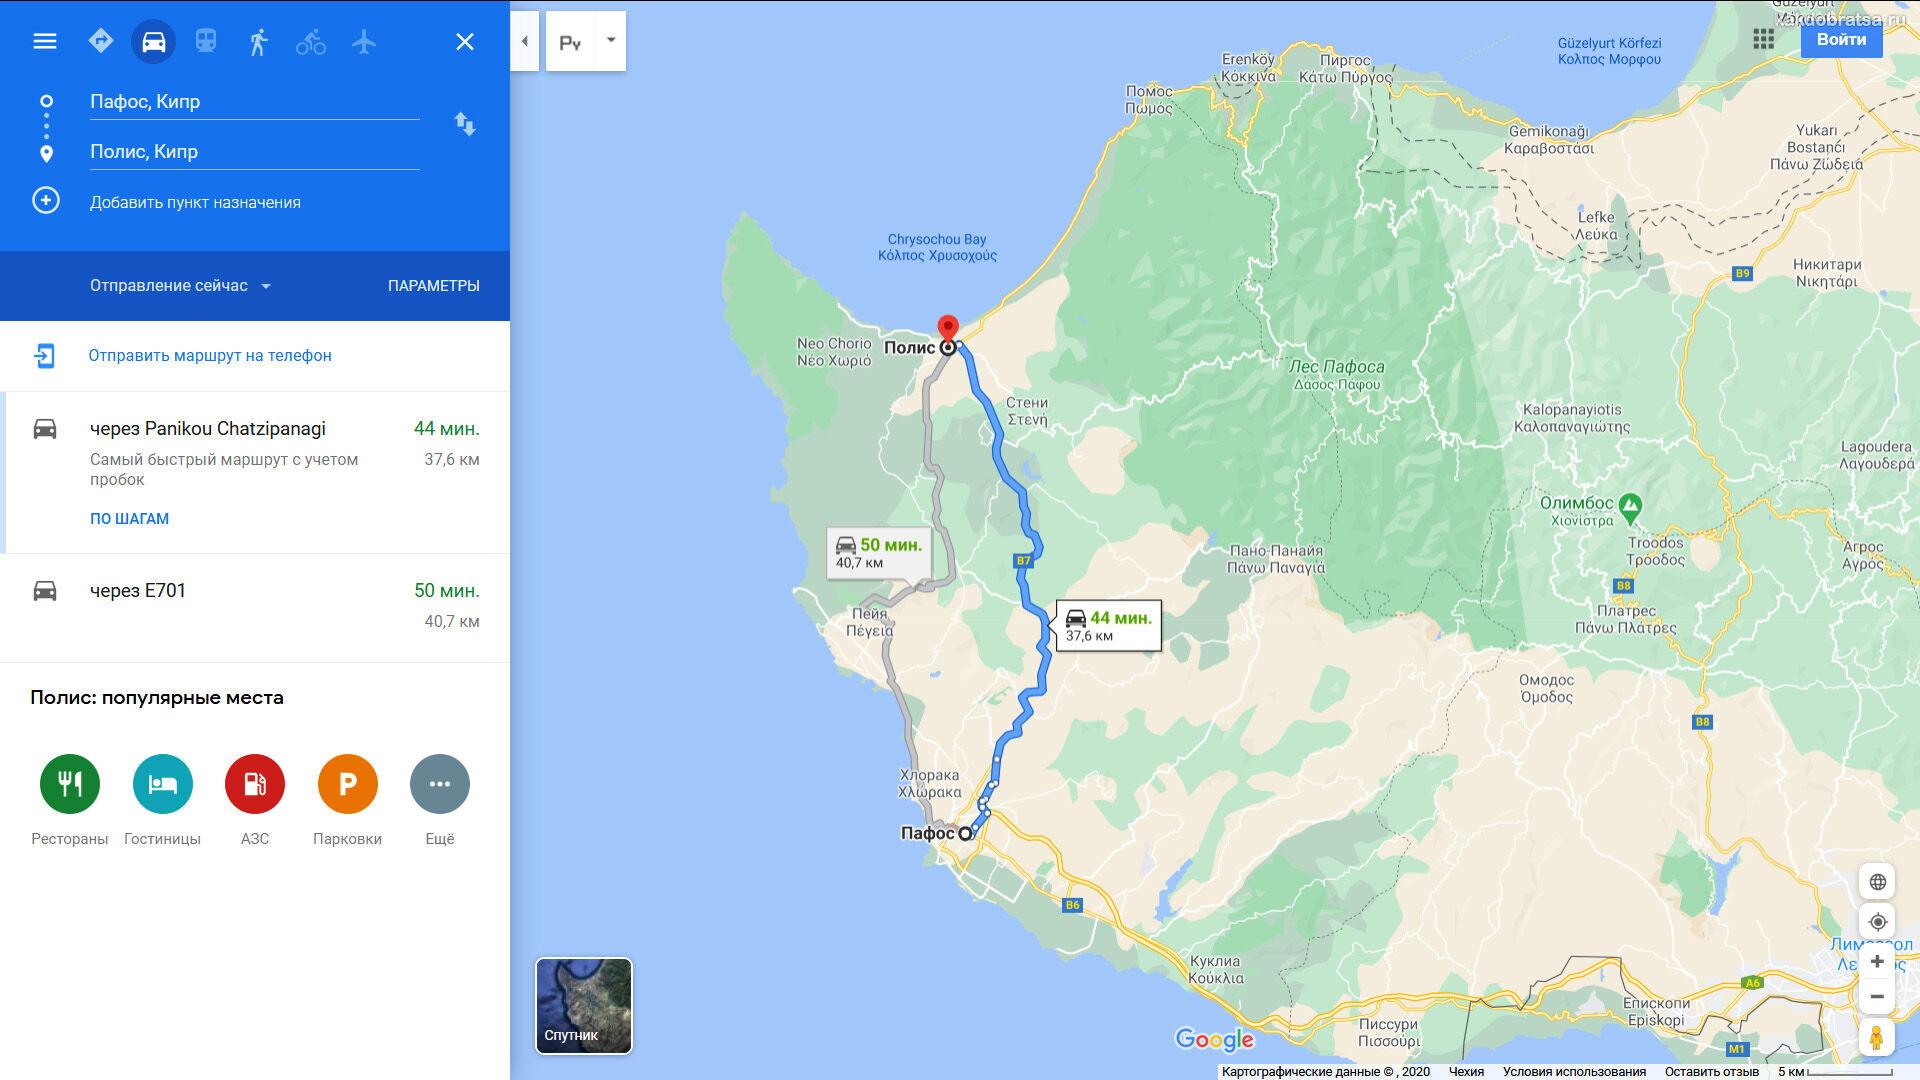 Расстояние между Пафосом и Полисом и карта